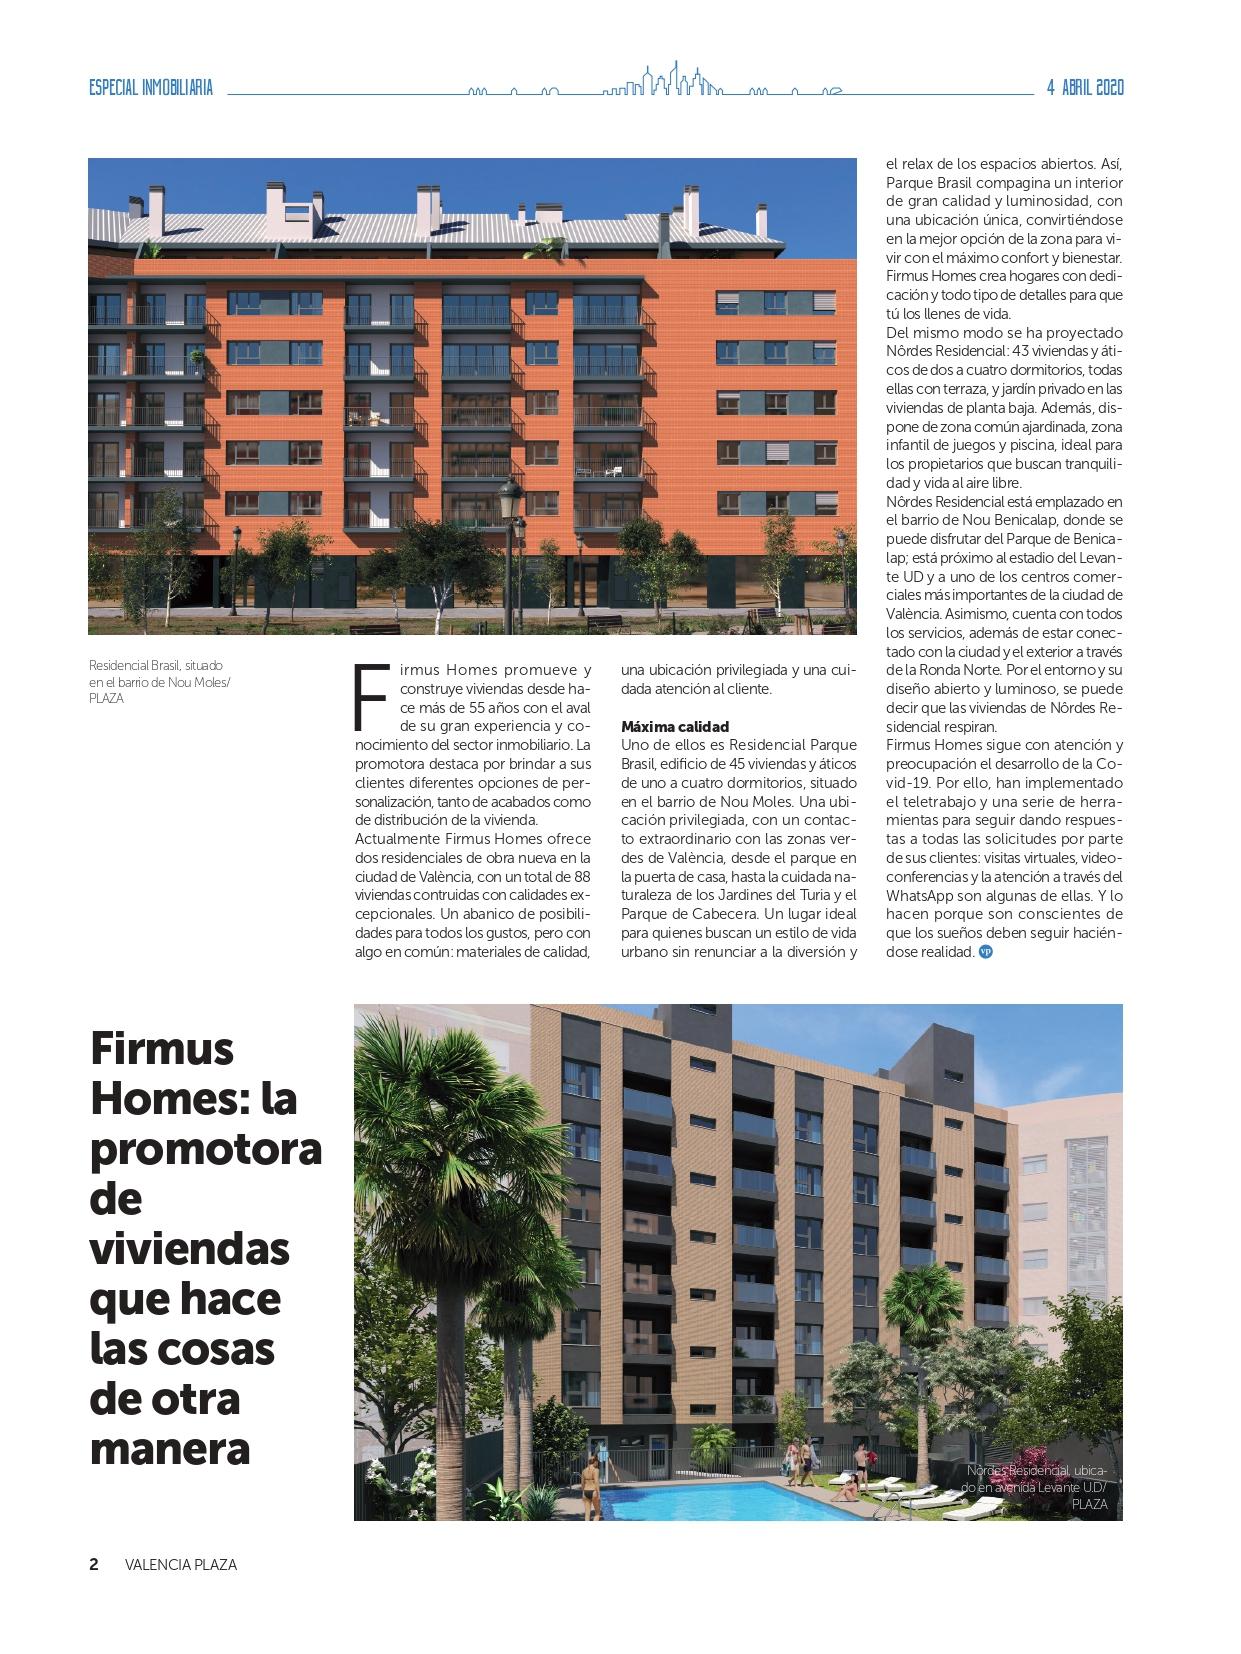 En este momento estás viendo Especial Inmobiliario Plaza – Firmus Homes: la promotora de viviendas que hace las cosas de otra manera